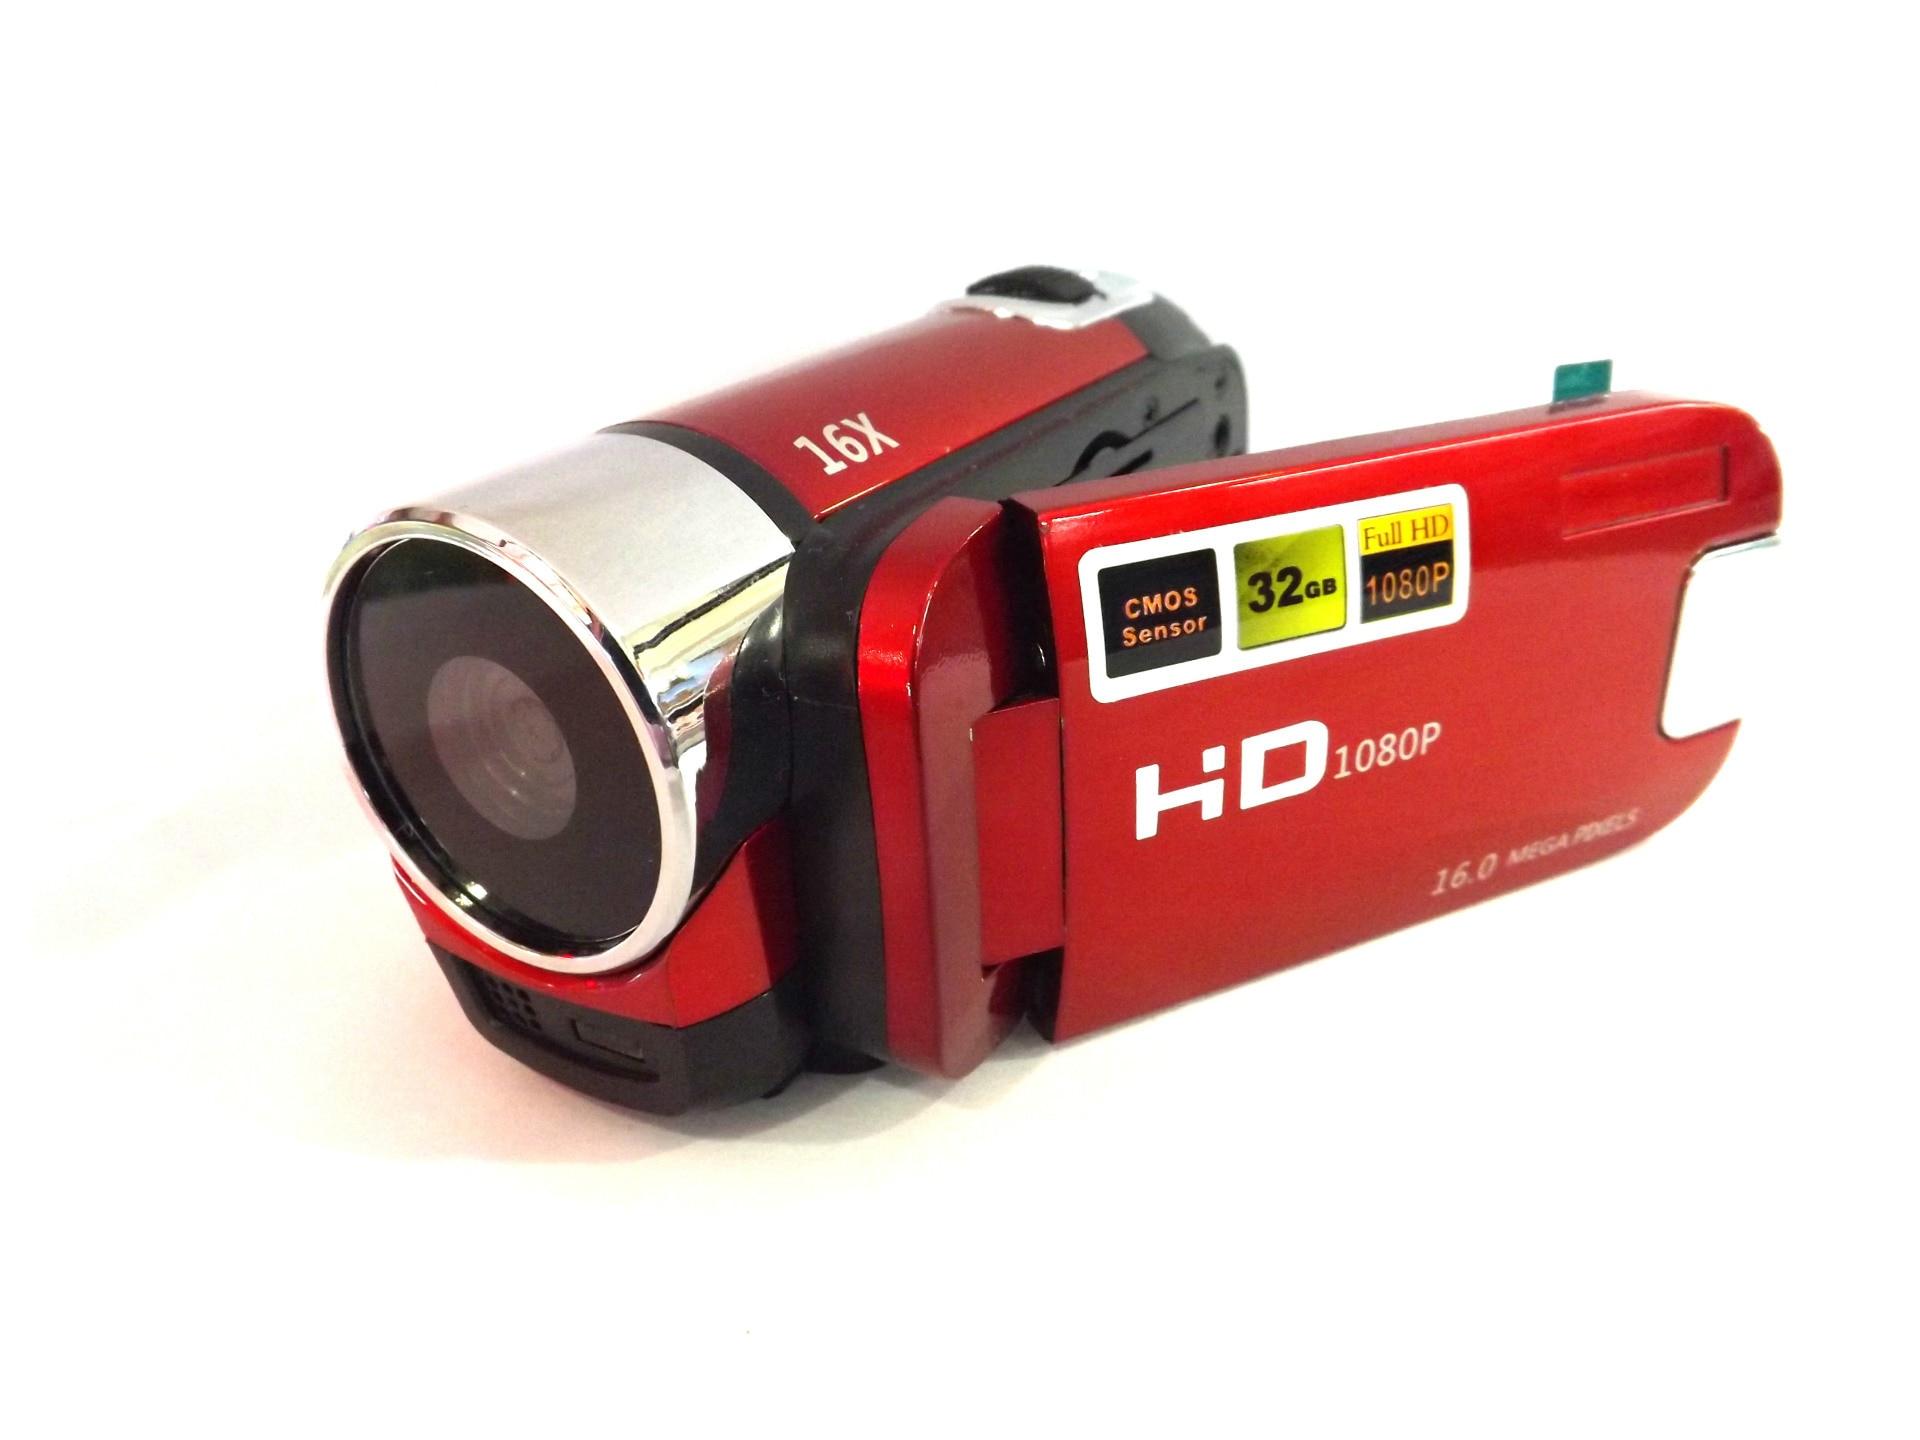 KaRue caméra vidéo numérique HD 1080P 32GB 16x Zoom Mini caméscope DV caméra prise en charge AVI 1080P 720P VGA - 2